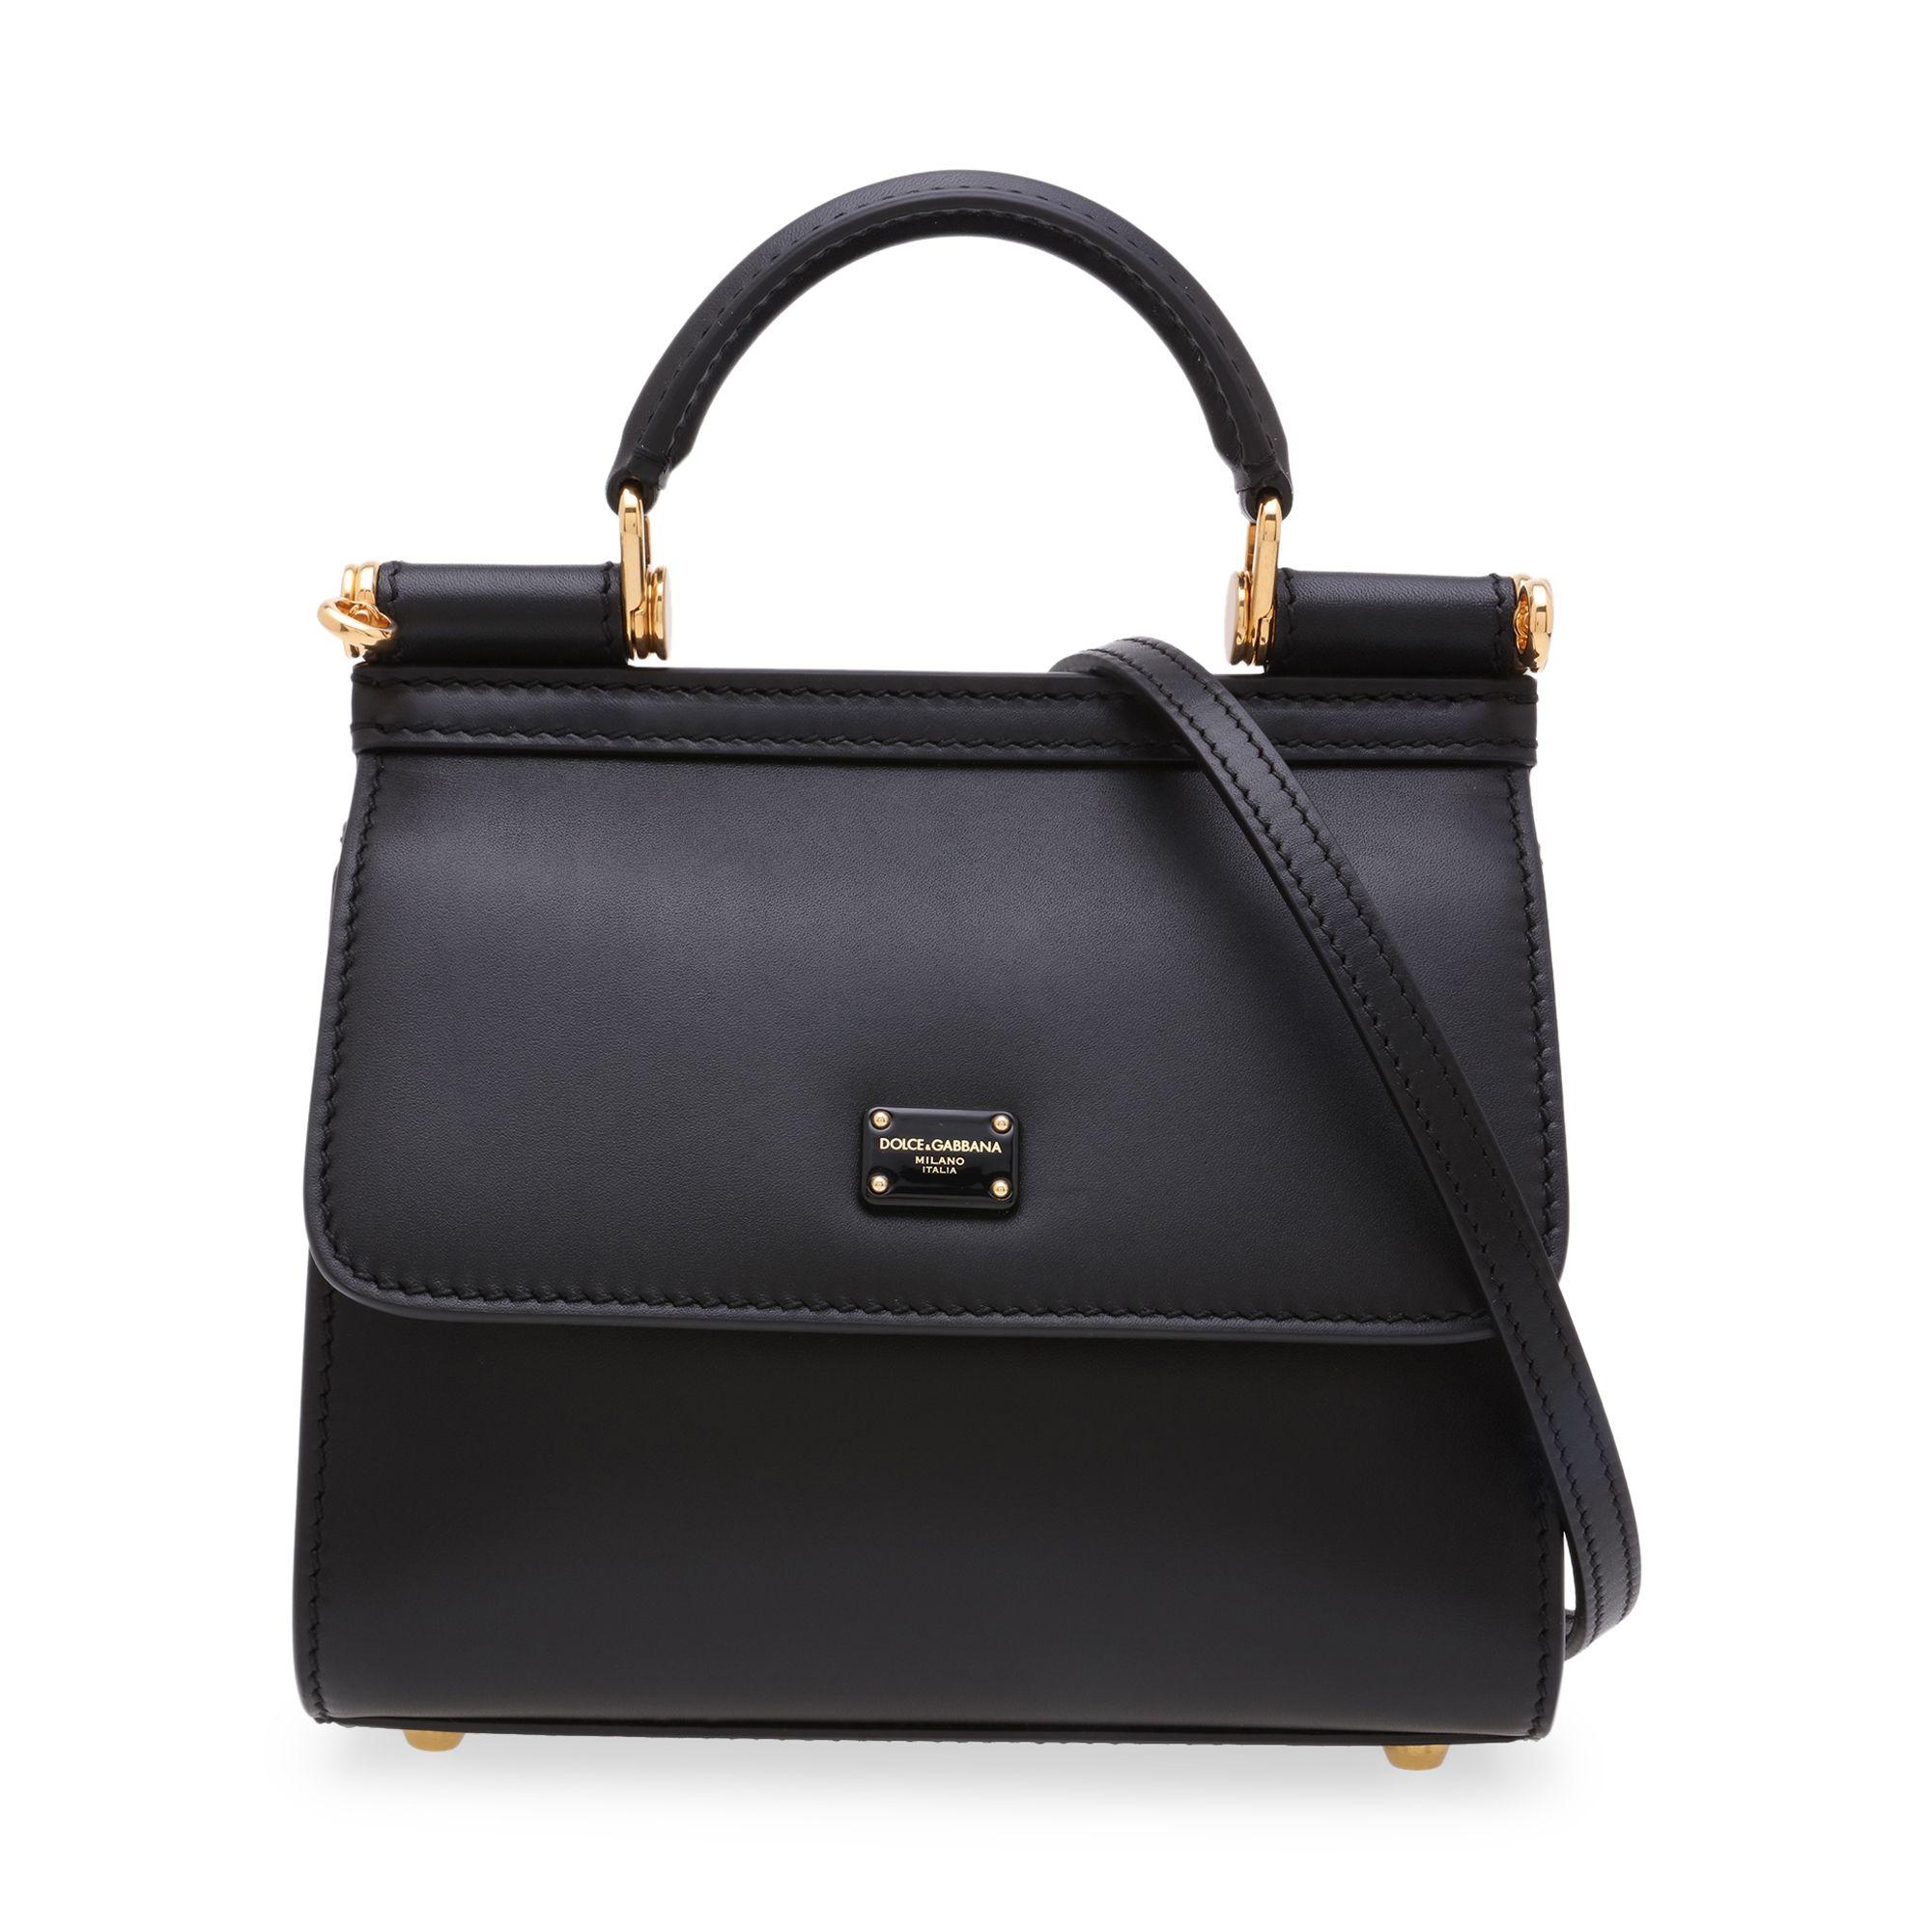 Sicily 58 handbag